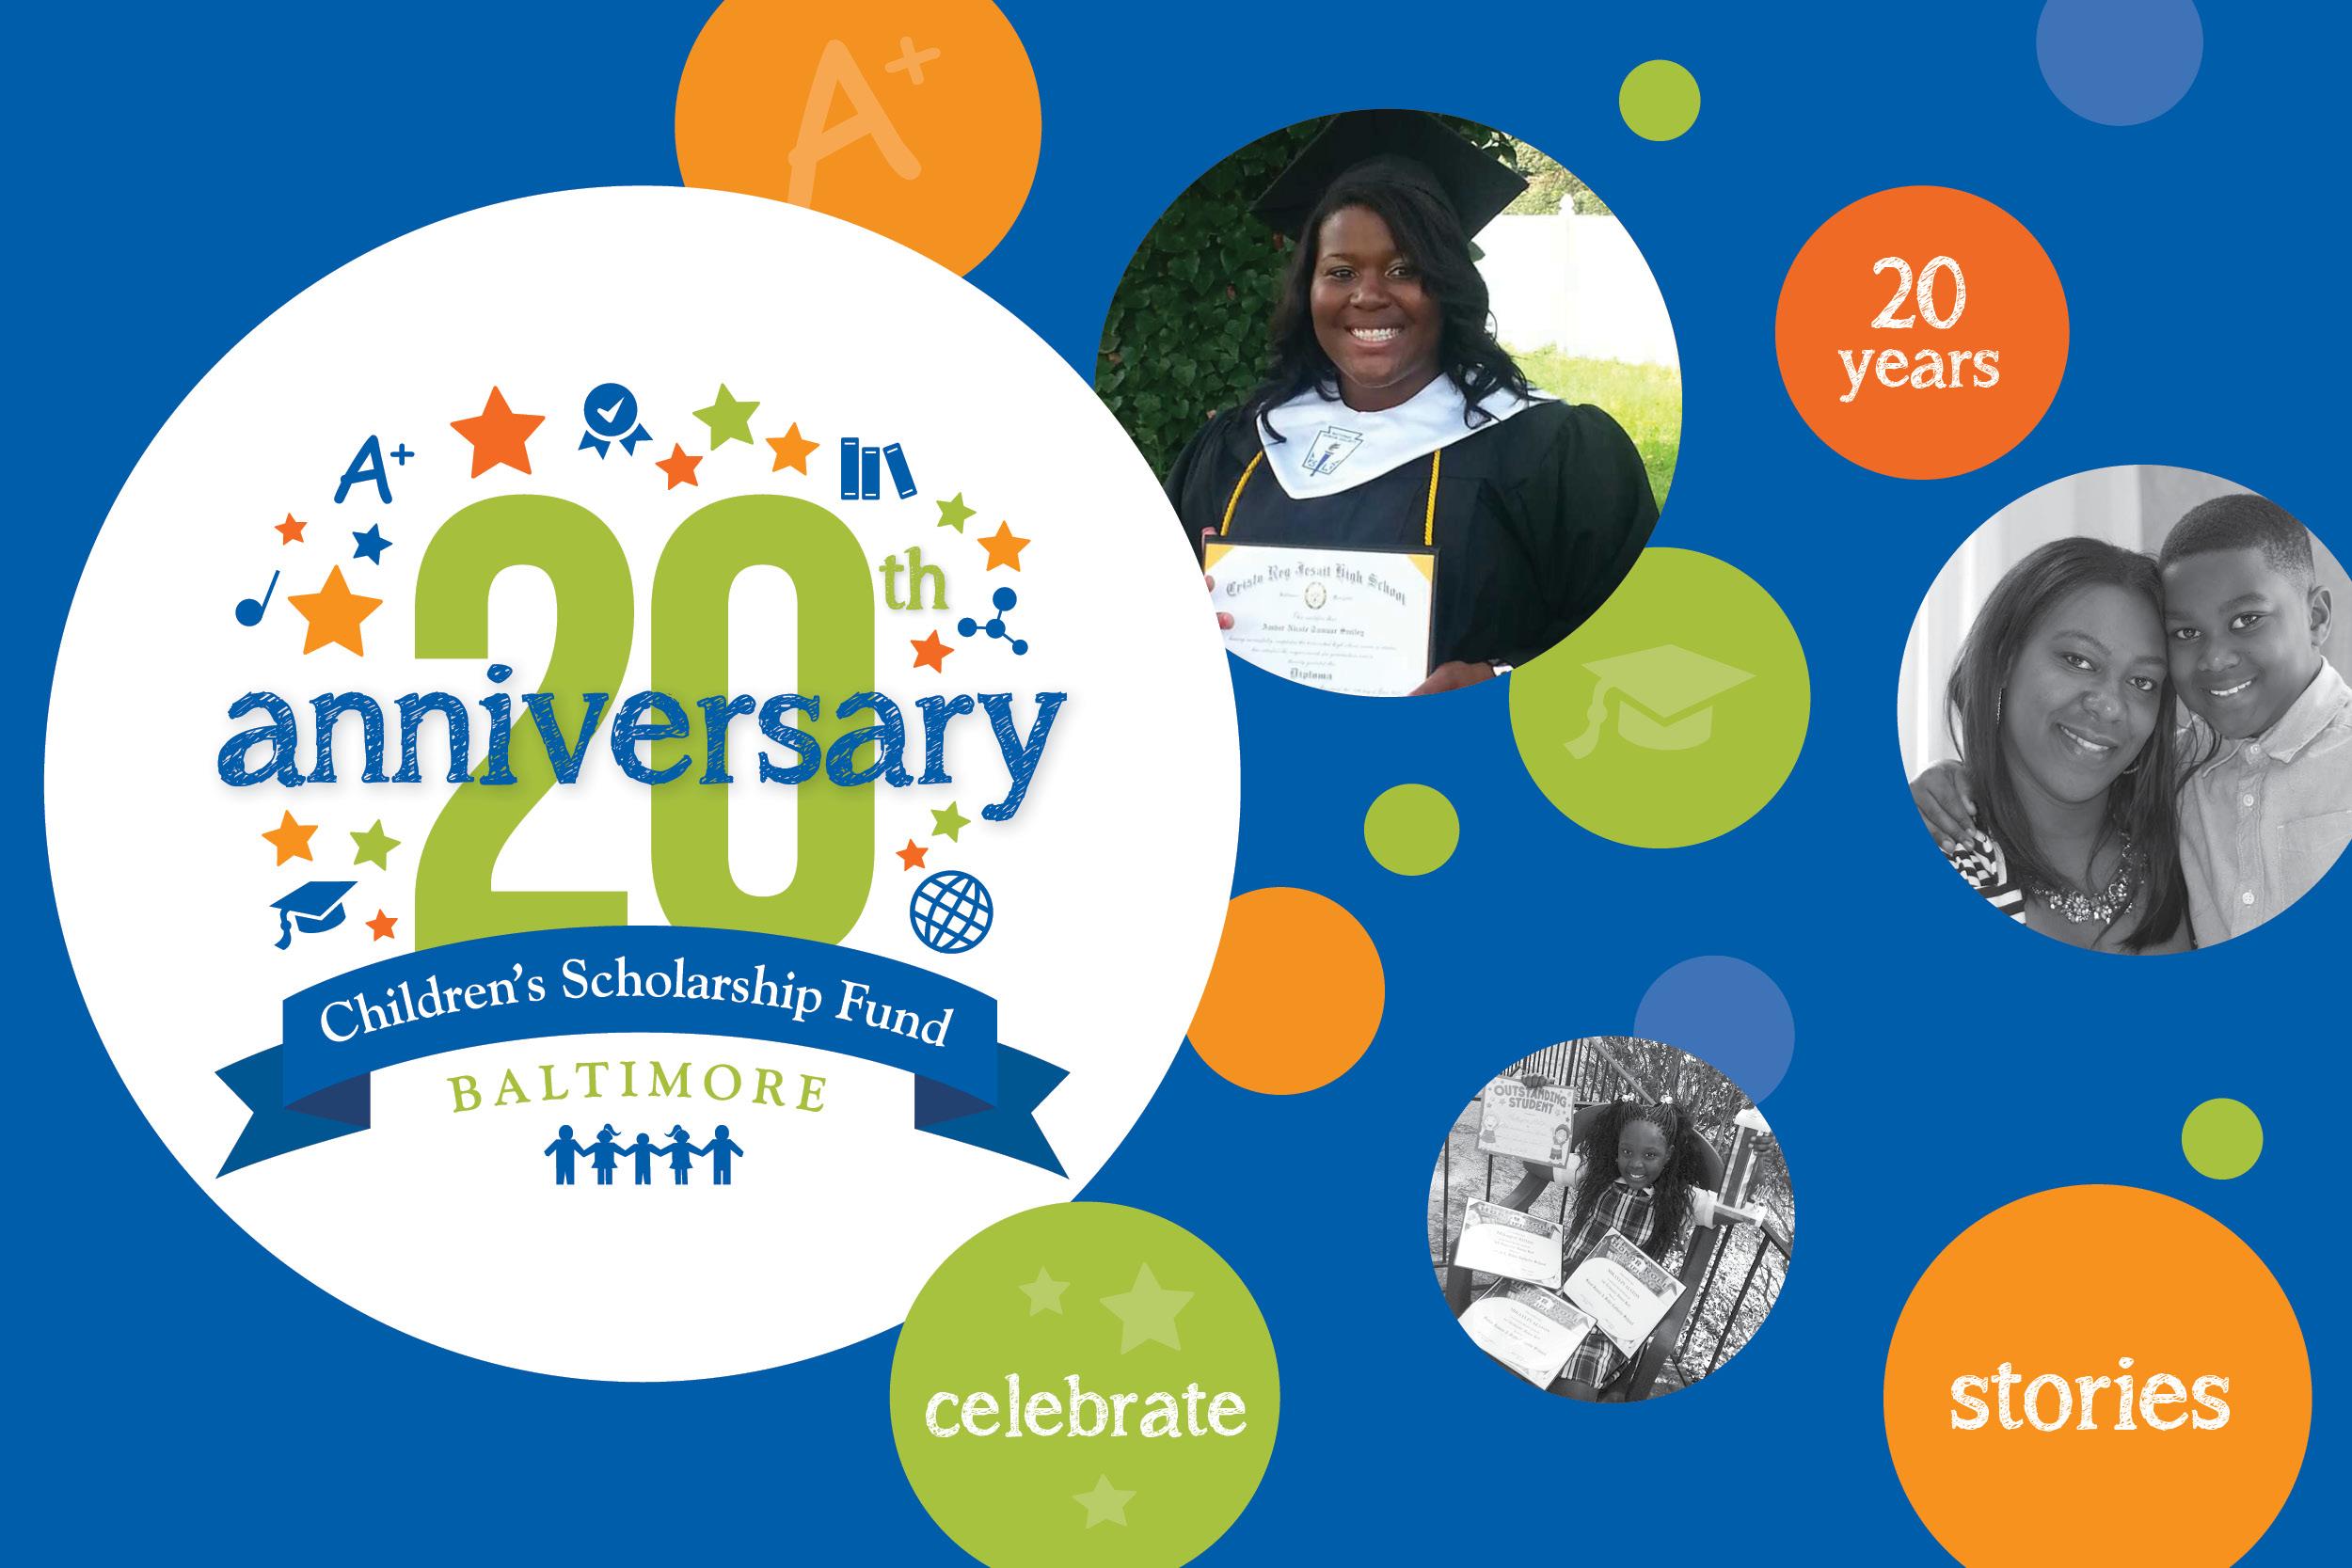 CSFB's 20 years, 20 stories